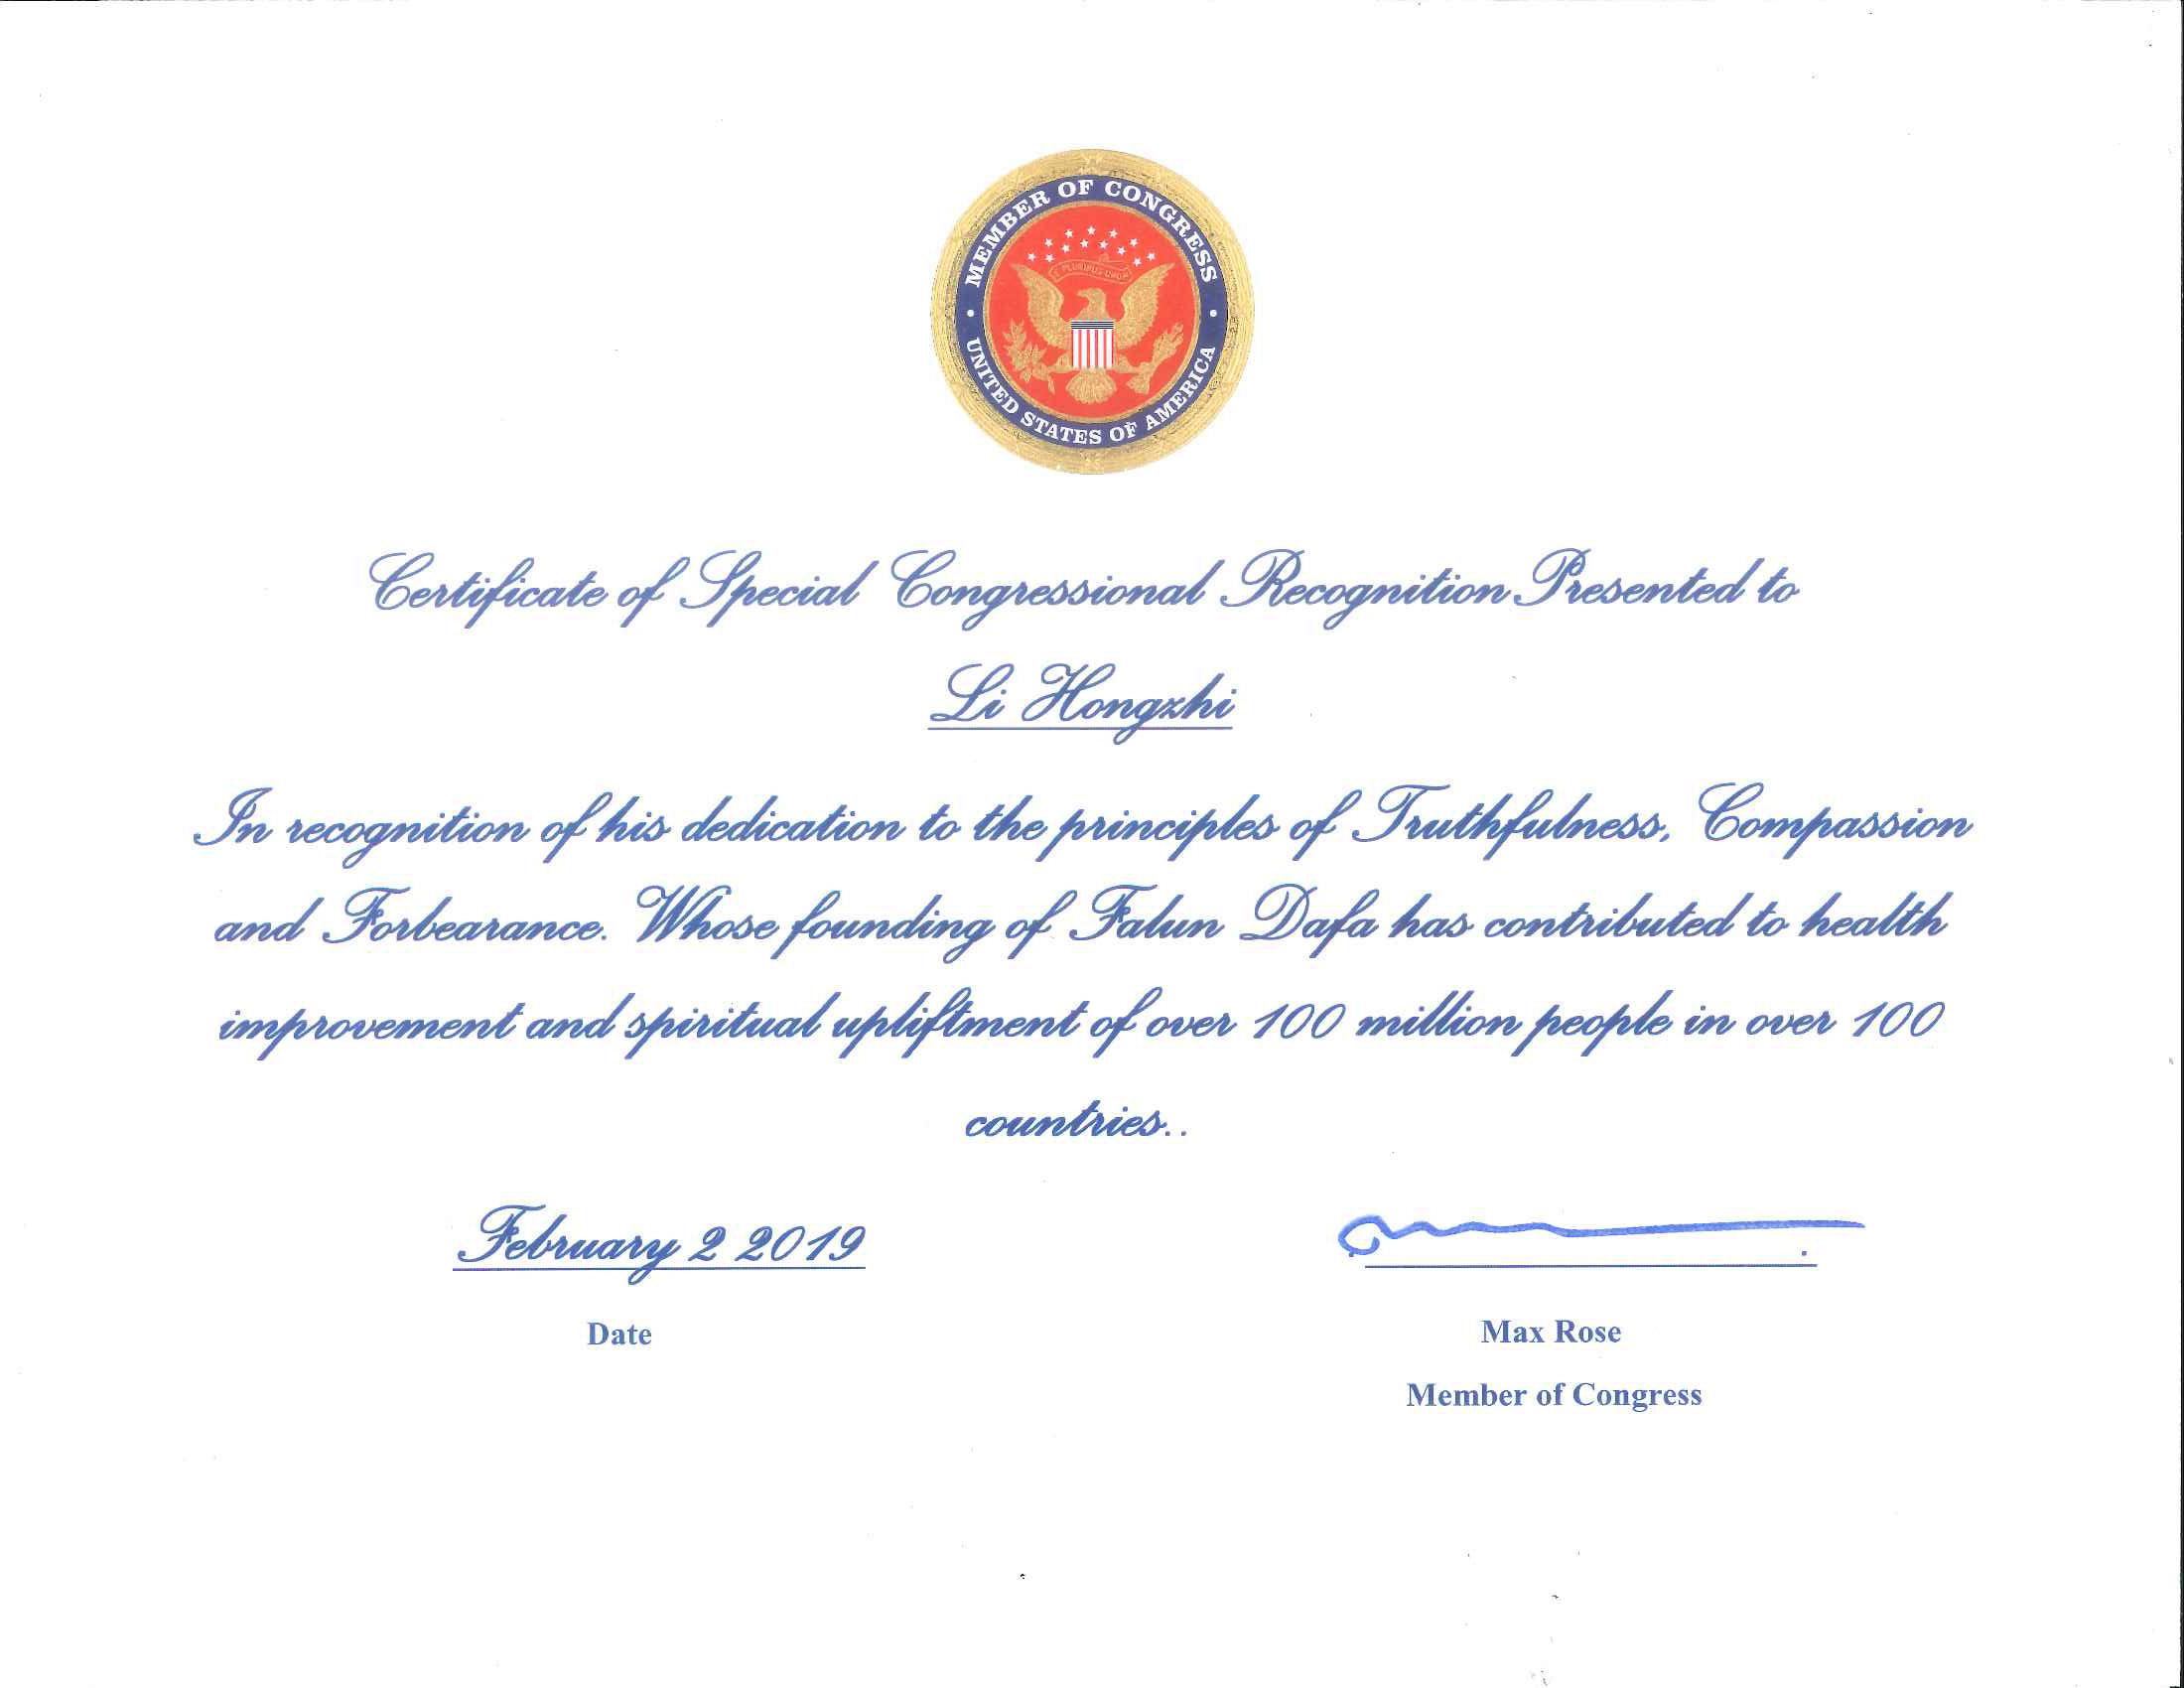 國會議員馬克斯‧羅斯的褒獎。(明慧網)